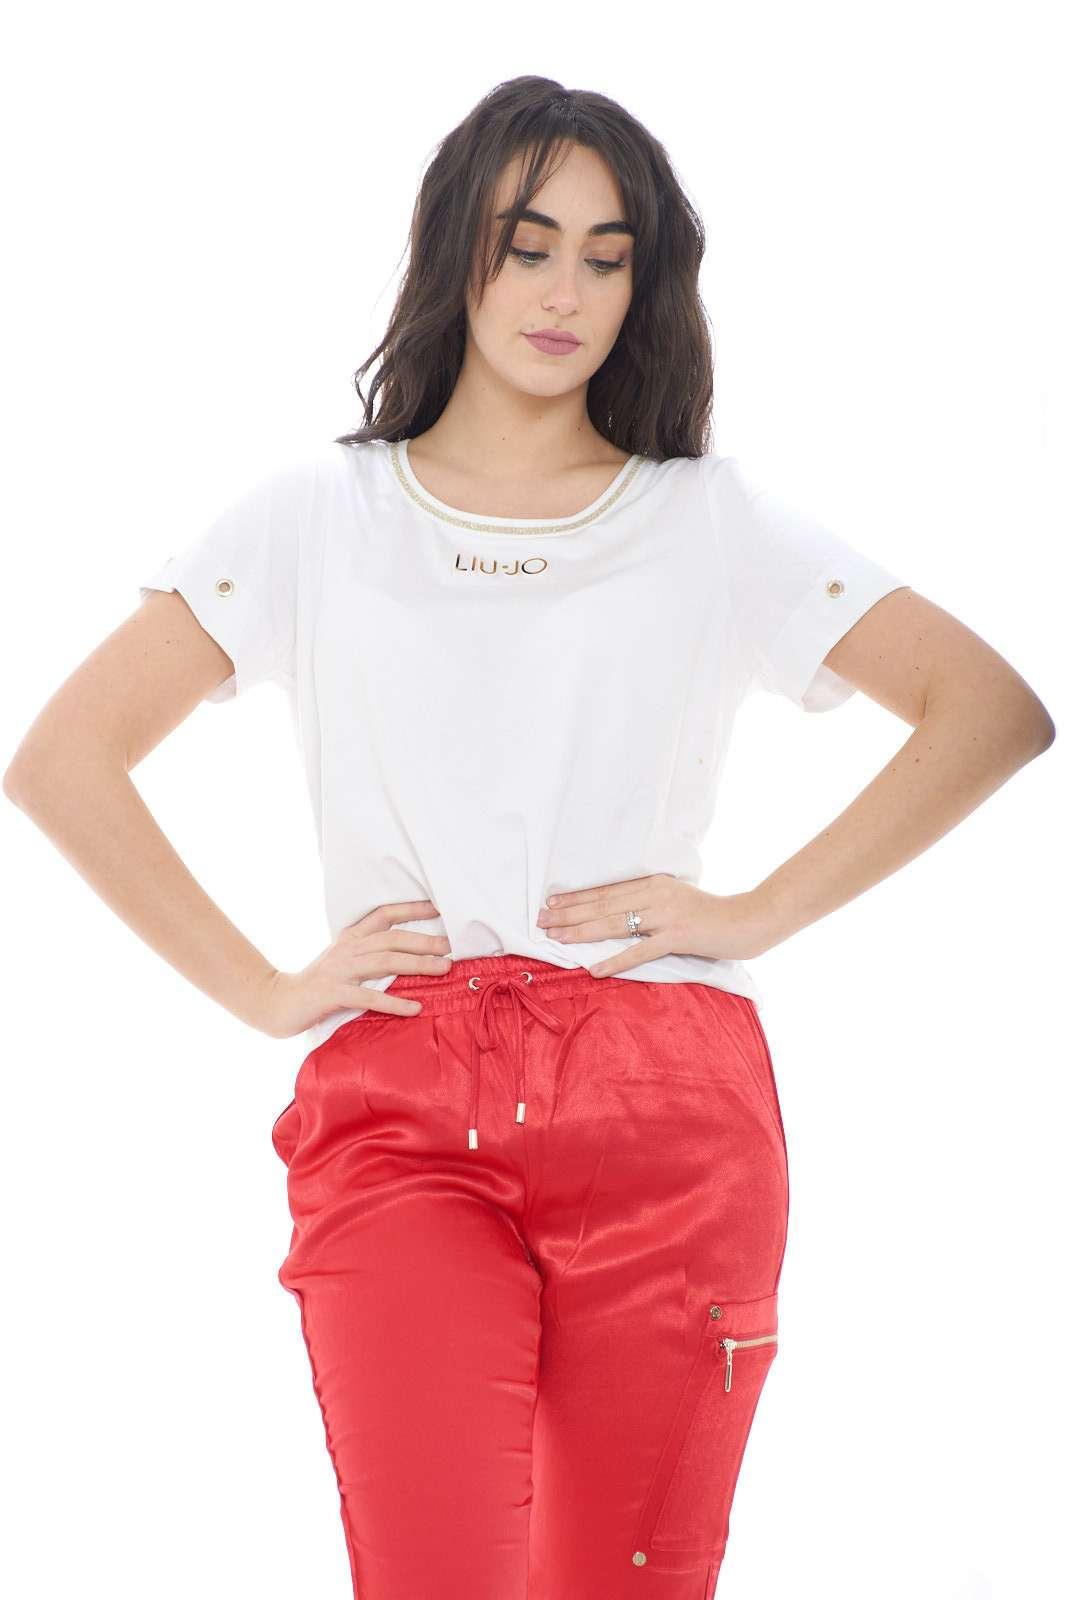 Scopri la nuova T shirt proposta dalla collezione donna Liu Jo Sport pensata per i look più casual. La linea semplice è caratterizzata dalla riga al collo rifinita con lurex, le borchie alle maniche e il logo del brand in rilievo. Adatta sia come sotto giacca che con una felpa aperta è un capo pratico e versatile